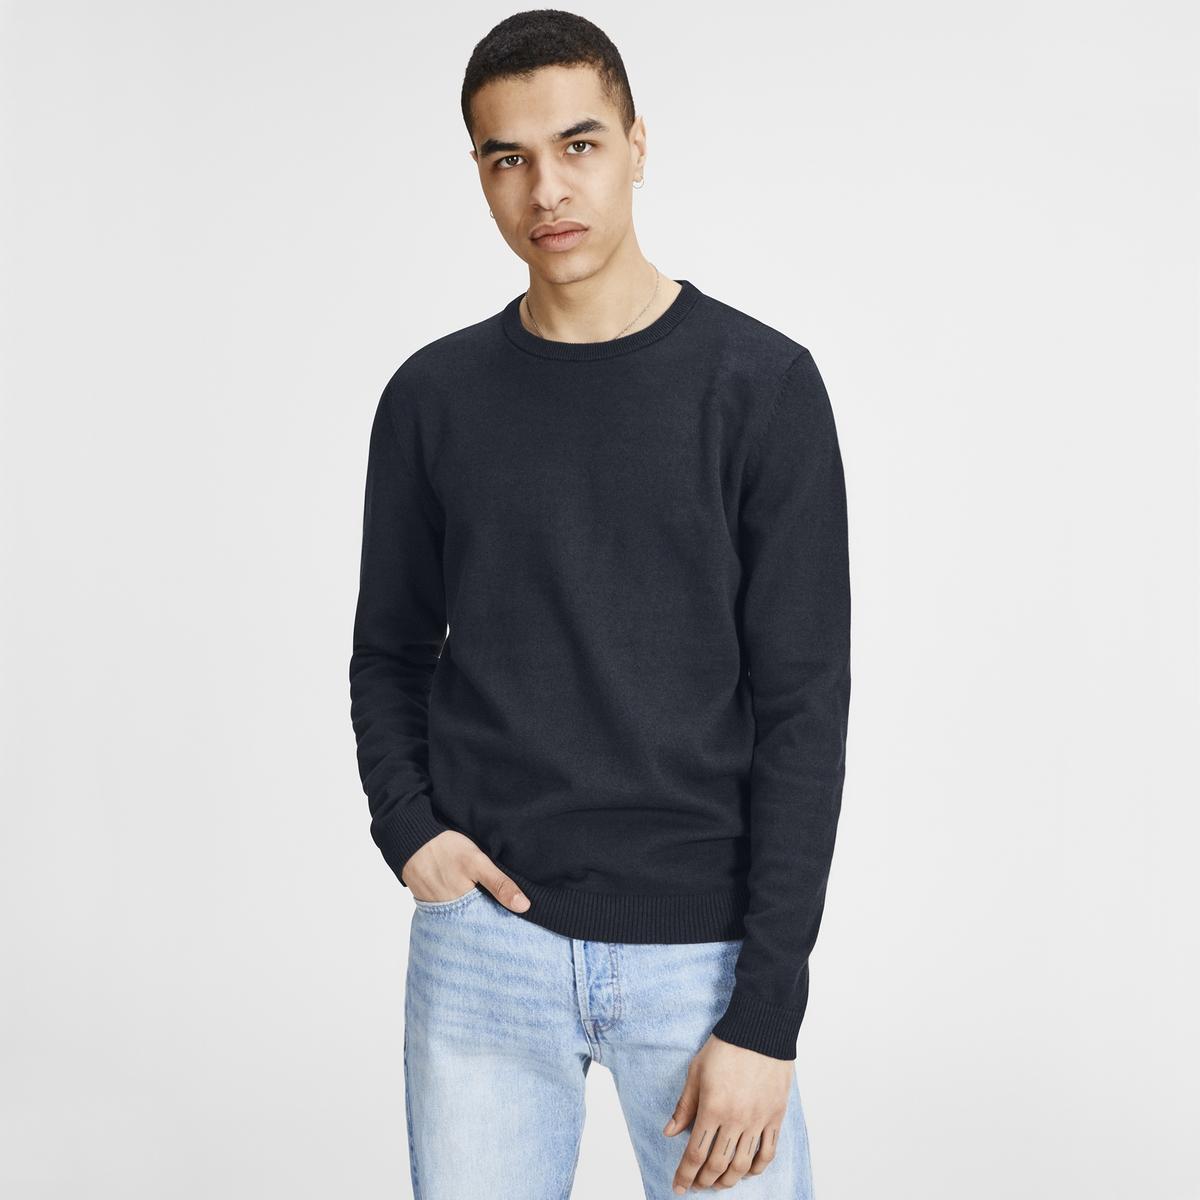 Пуловер LaRedoute С круглым вырезом из тонкого трикотажа S синий пуловер laredoute с круглым вырезом из плотного трикотажа s черный